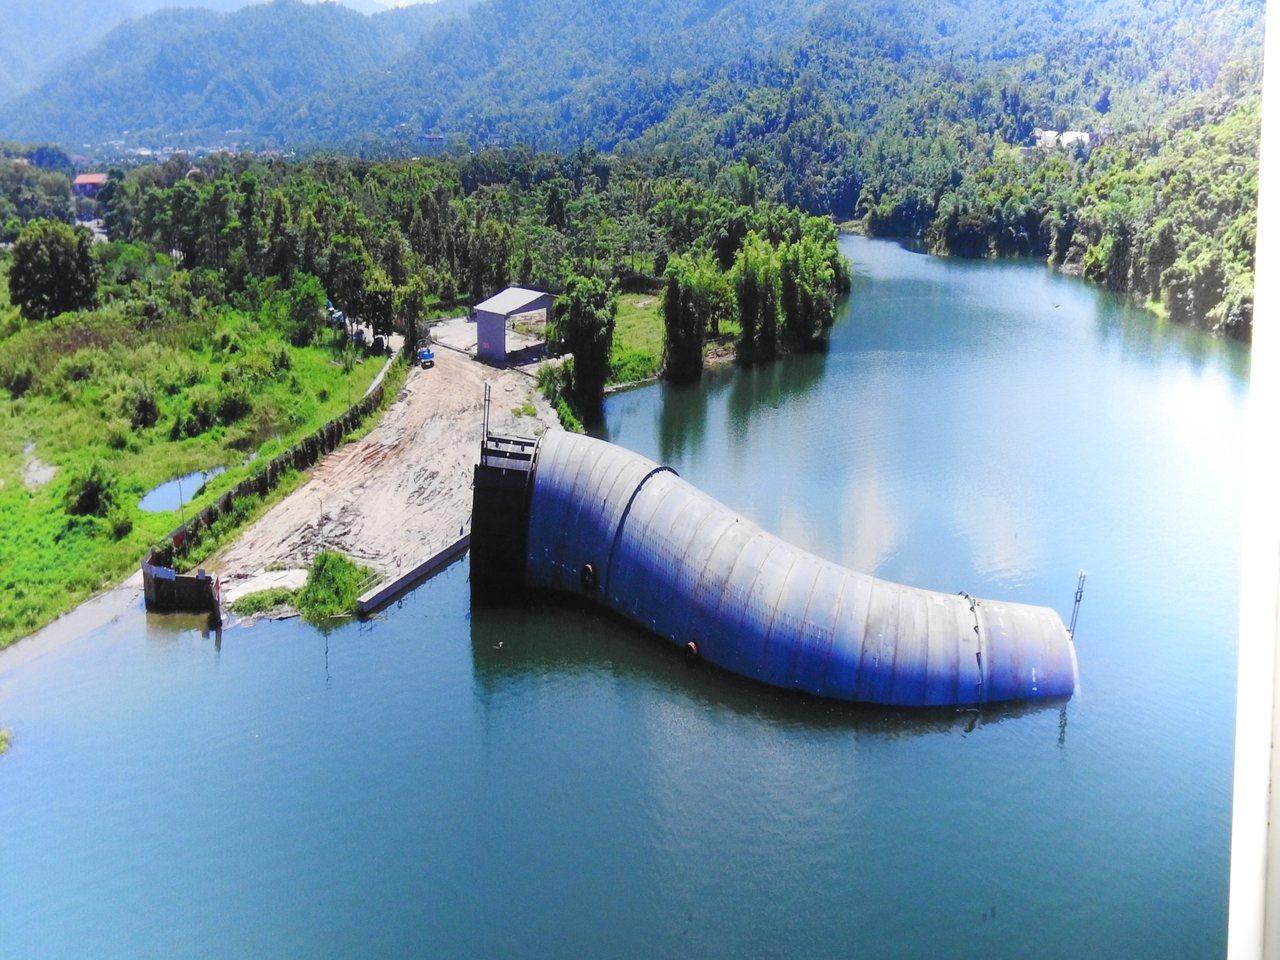 曾文水庫防淤隧道工程採用全世界首創的「象鼻引水鋼管」先進工法 。記者吳淑玲/翻攝